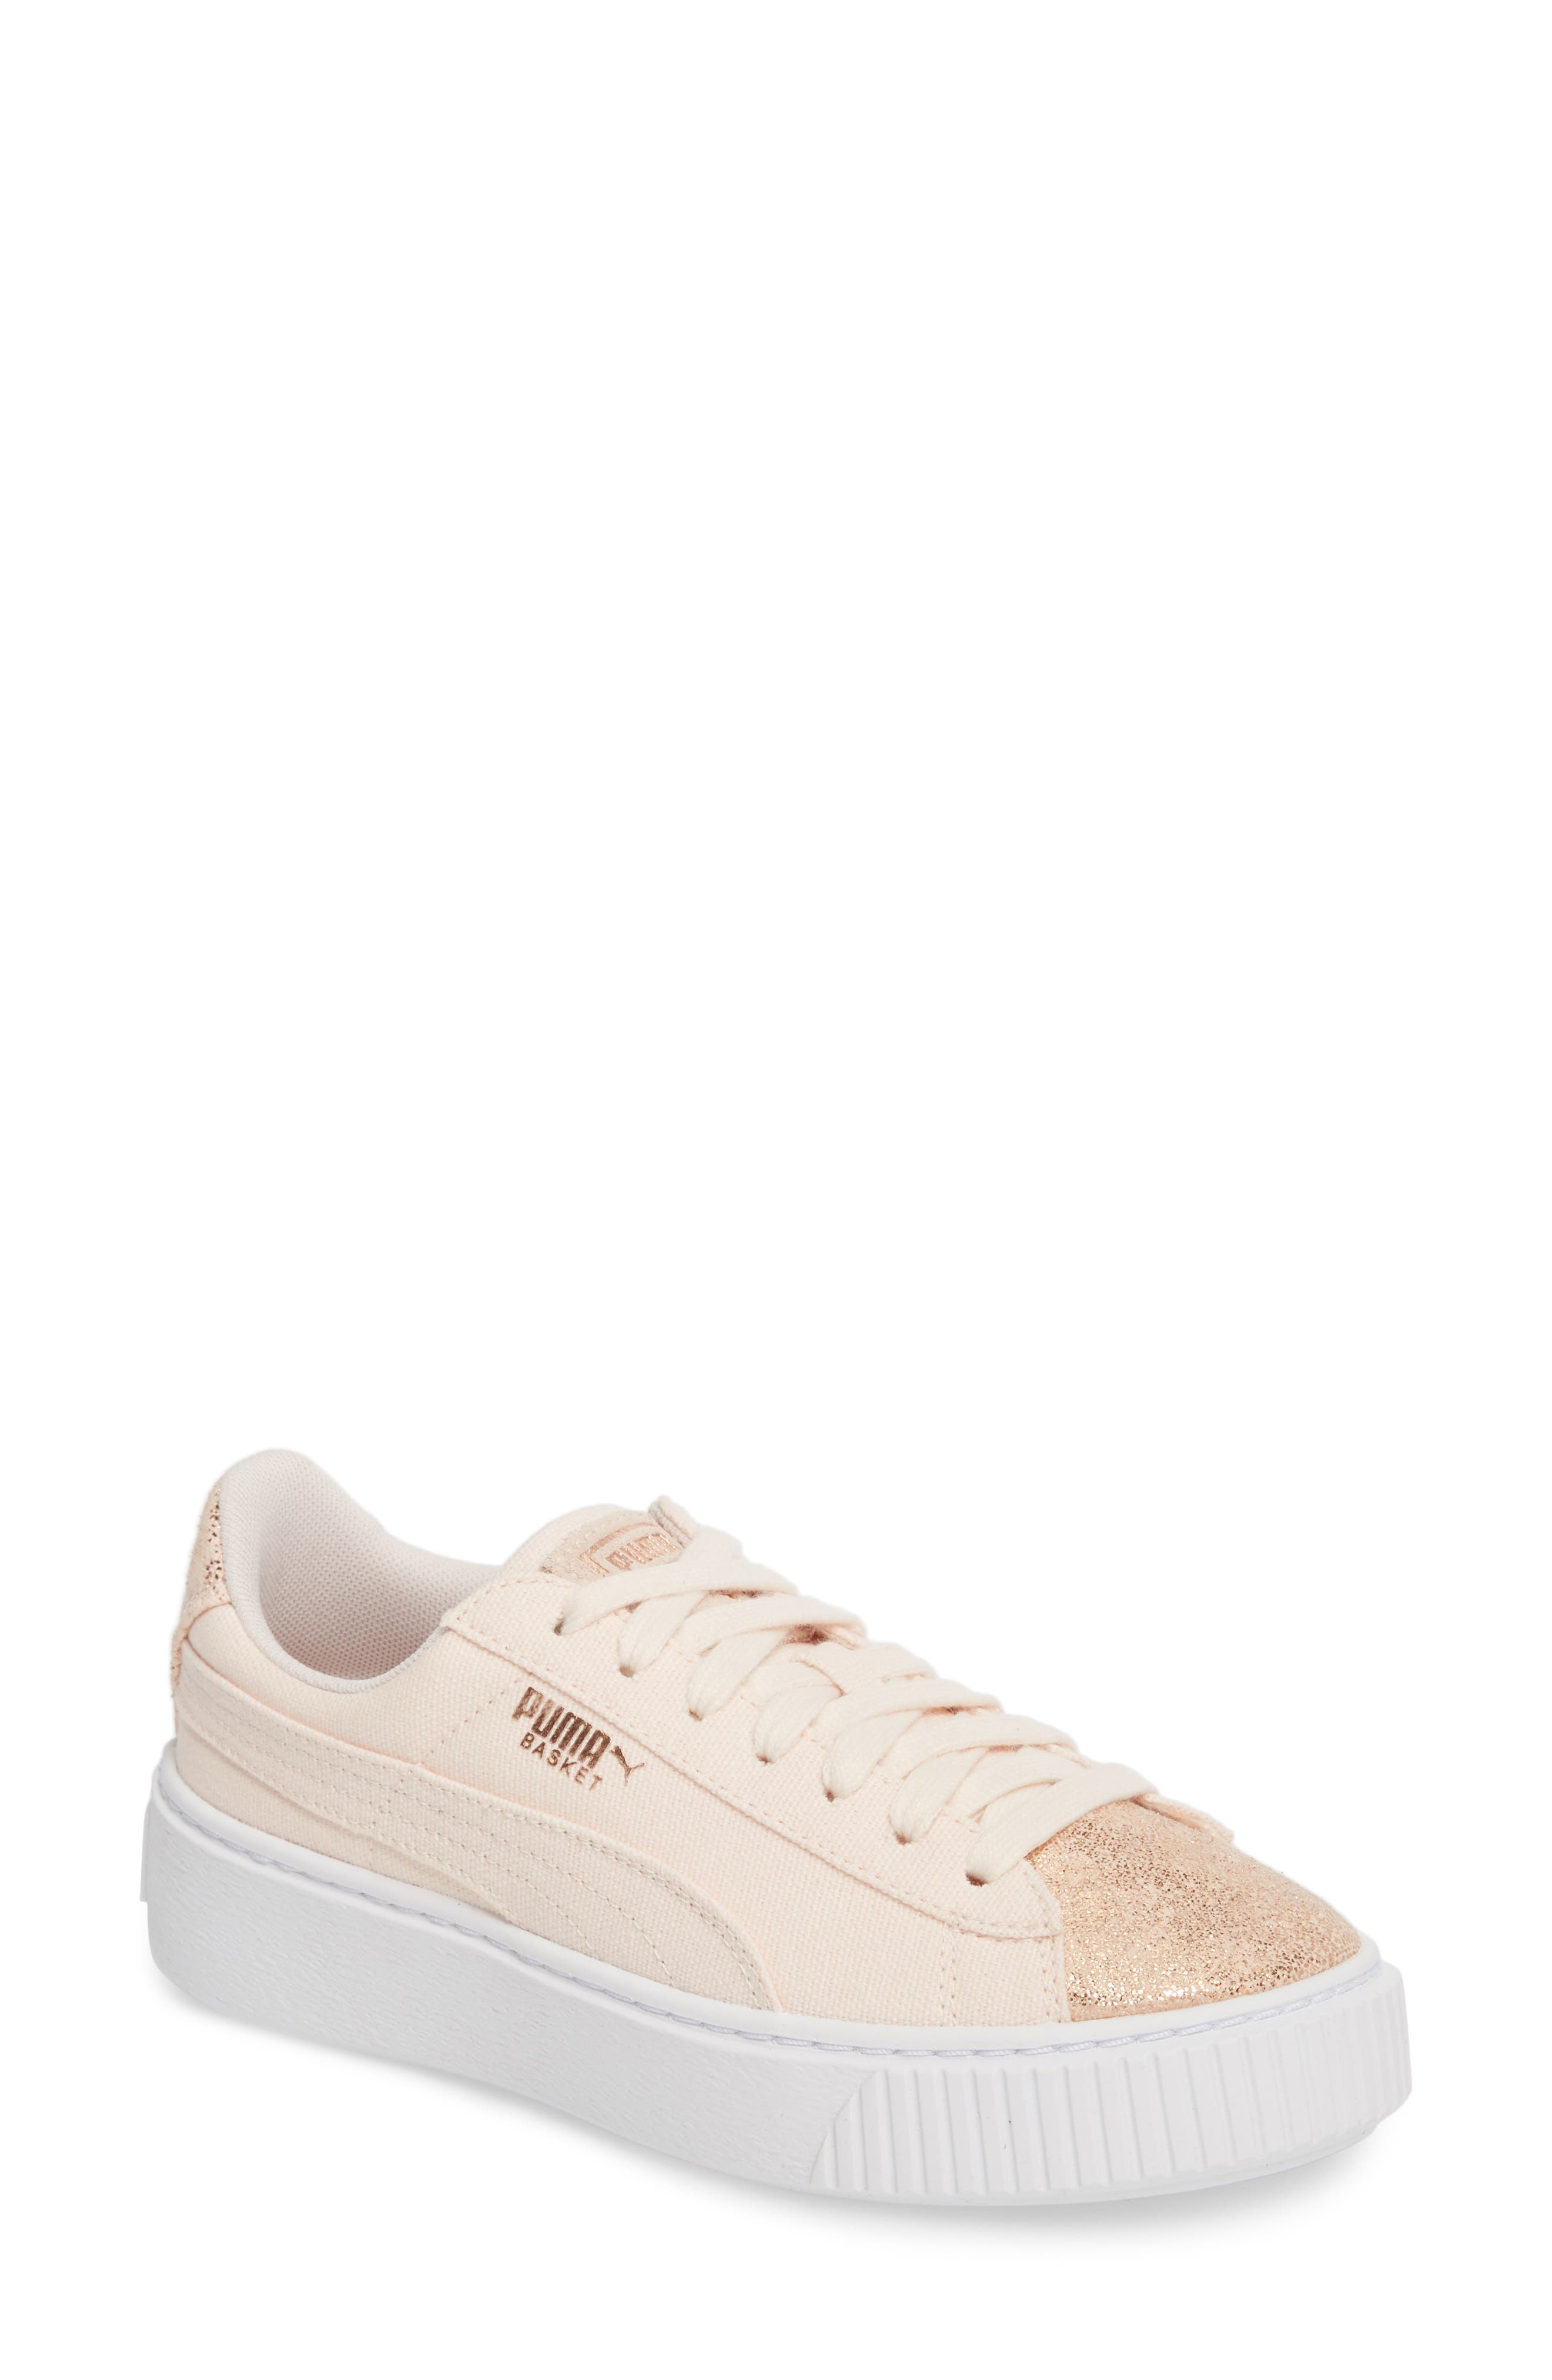 Basket Platform Sneaker,                         Main,                         color, Pearl/ Rose Gold